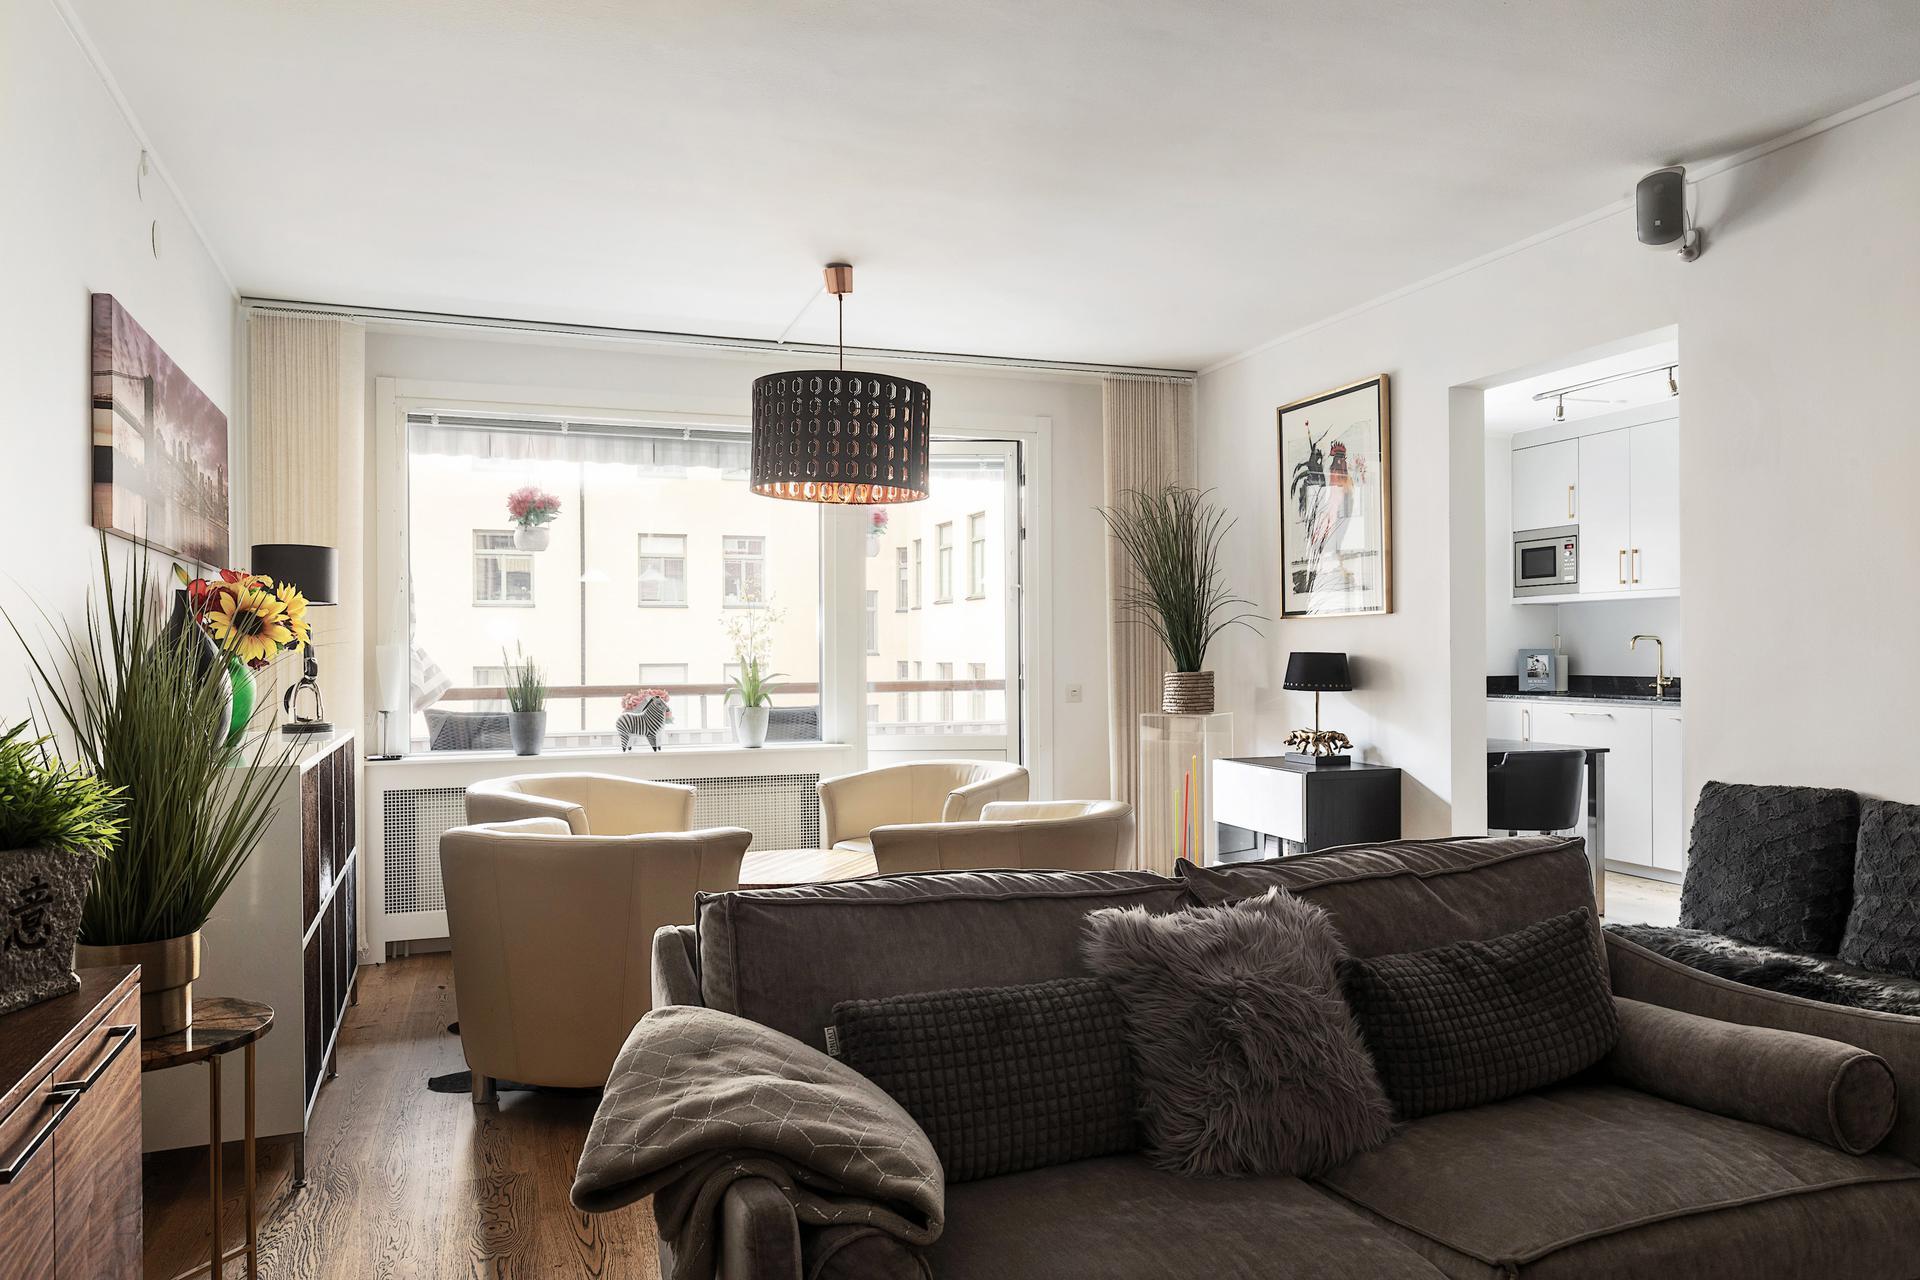 Luftigt och ljust vardagsrum intill både kök och balkong